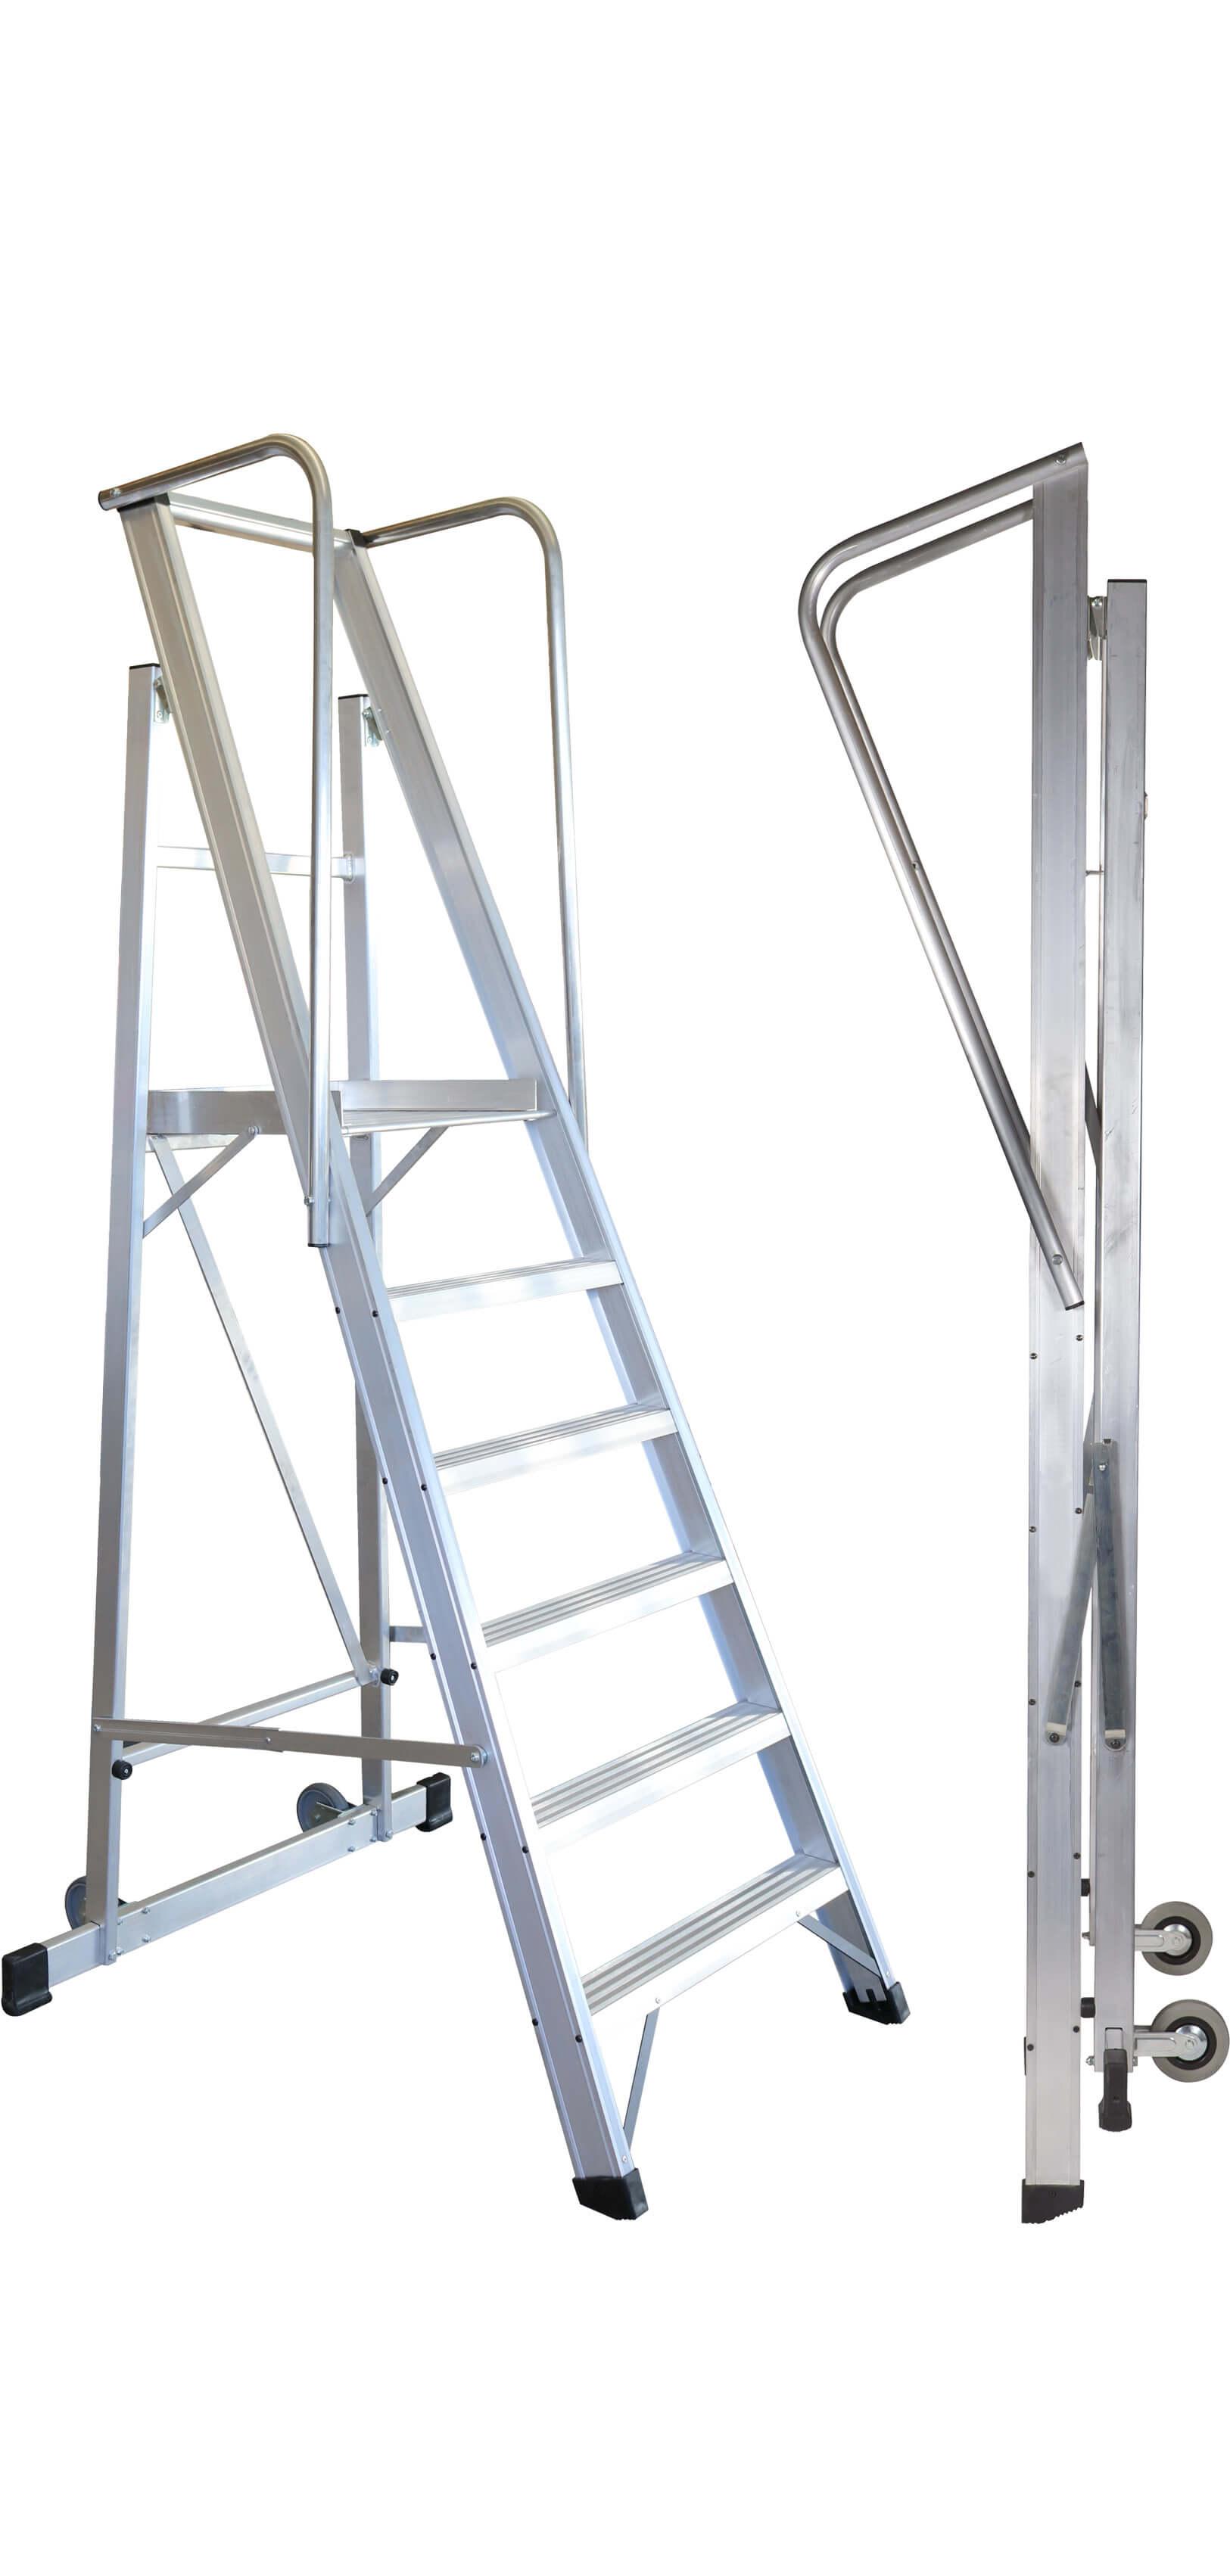 Escalera De Almacén De Aluminio Plegable